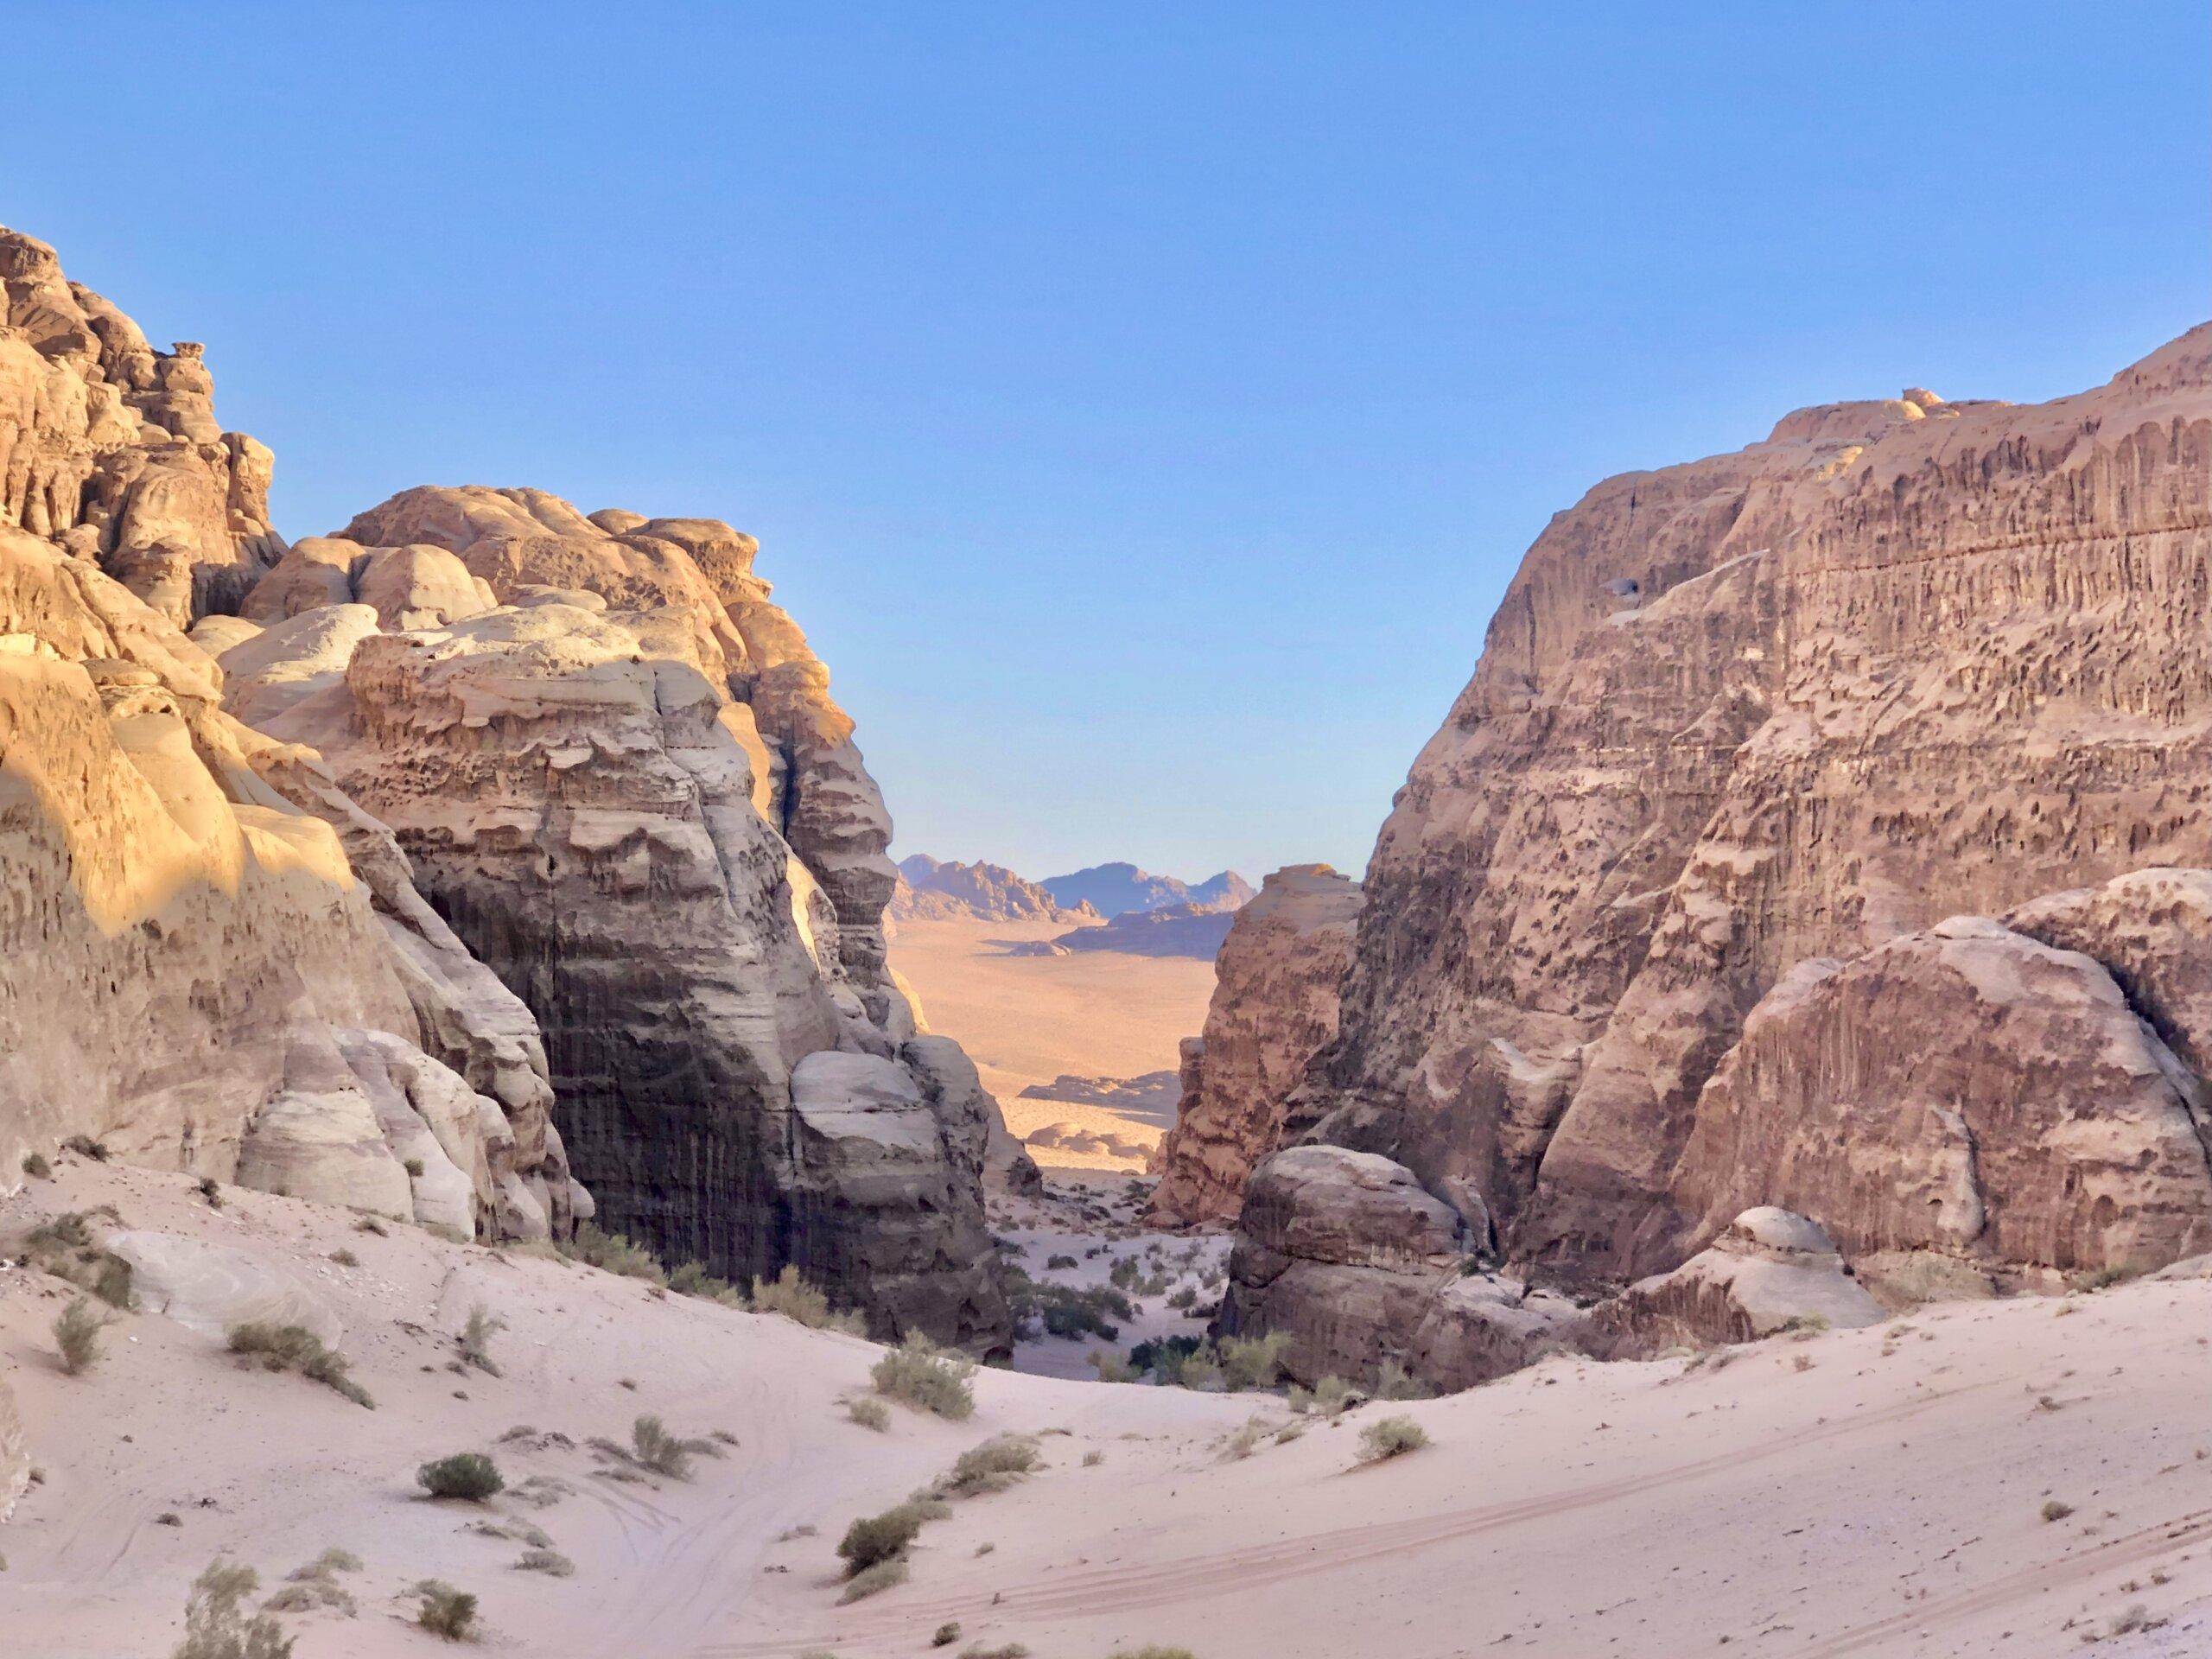 Nuqra Canyon - Wadi Rum